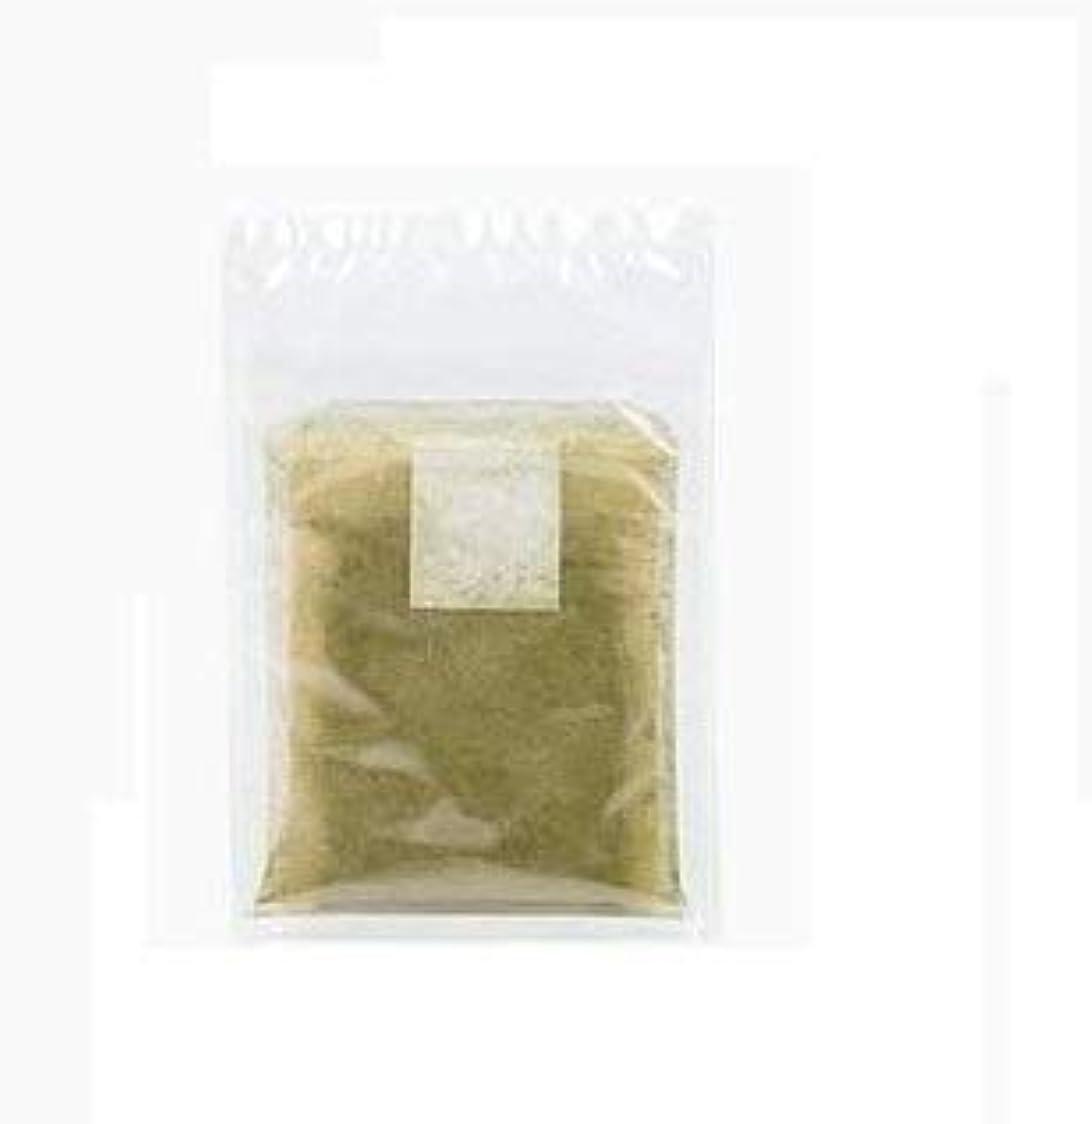 過剰ひねくれた商品メール便 美身麗茶 びしんれいちゃ 3g×3包 アップルティー味 ダイエット 健康茶 オーガニック デトックス スリム ヘルシー 美容 スリムボディ 日本製